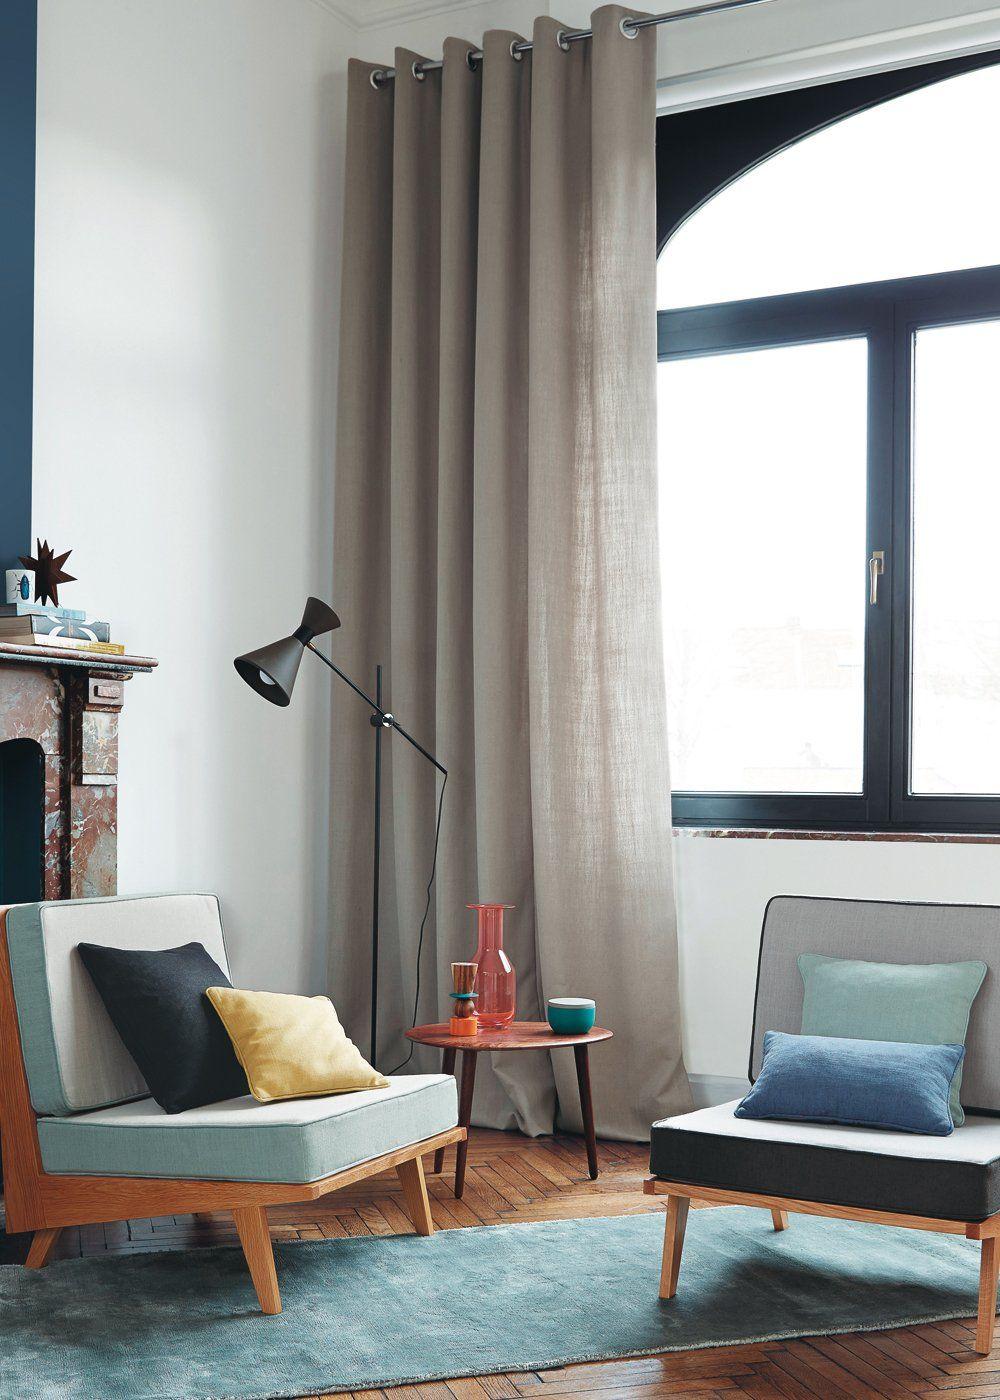 20 beaux rideaux pour en mettre plein la vue d coration scandinave scandinavian decoration - Beaux rideaux salon ...